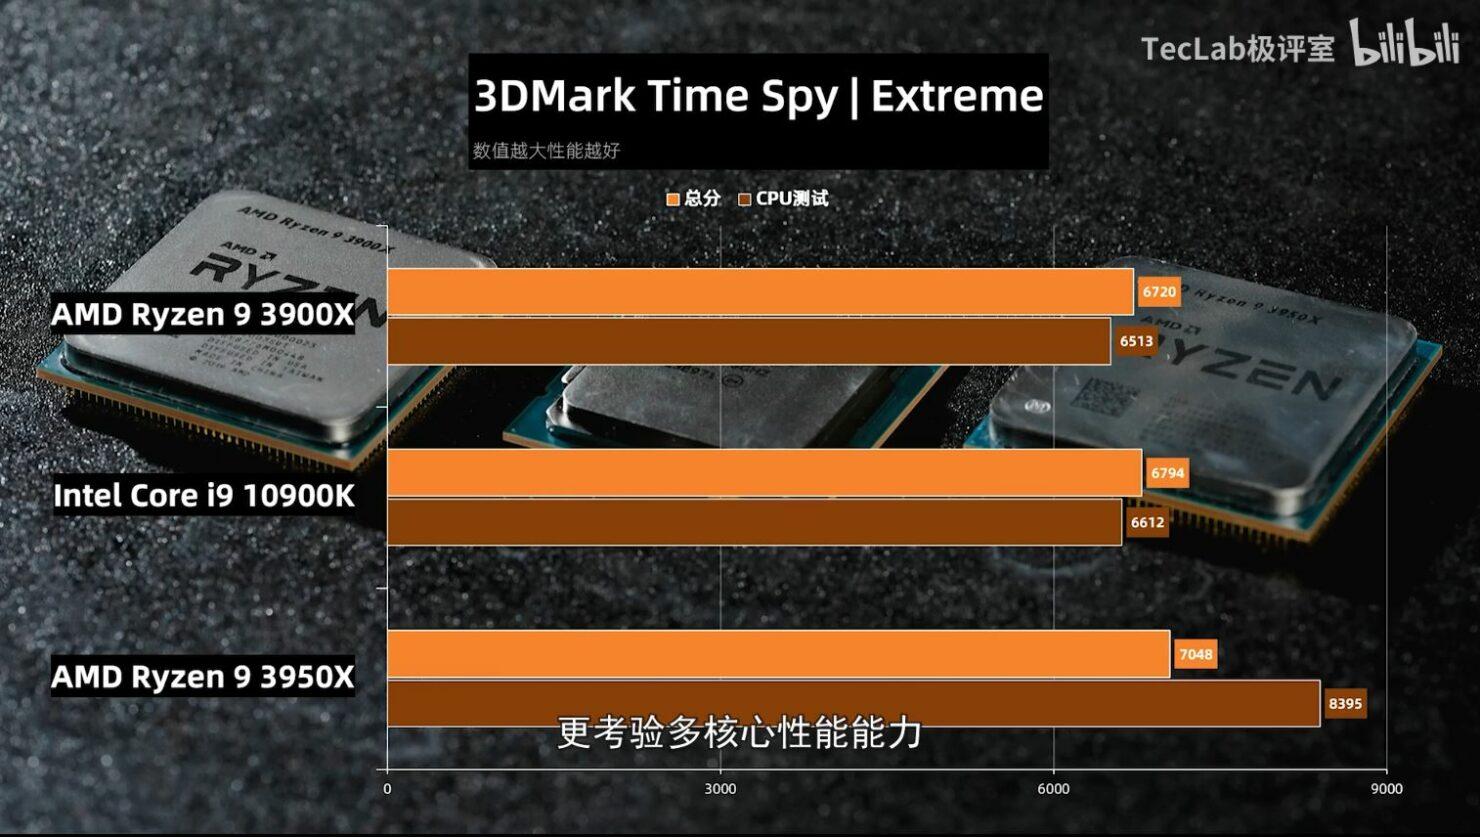 Benchmark Core i9-10900k Time Spy Extreme